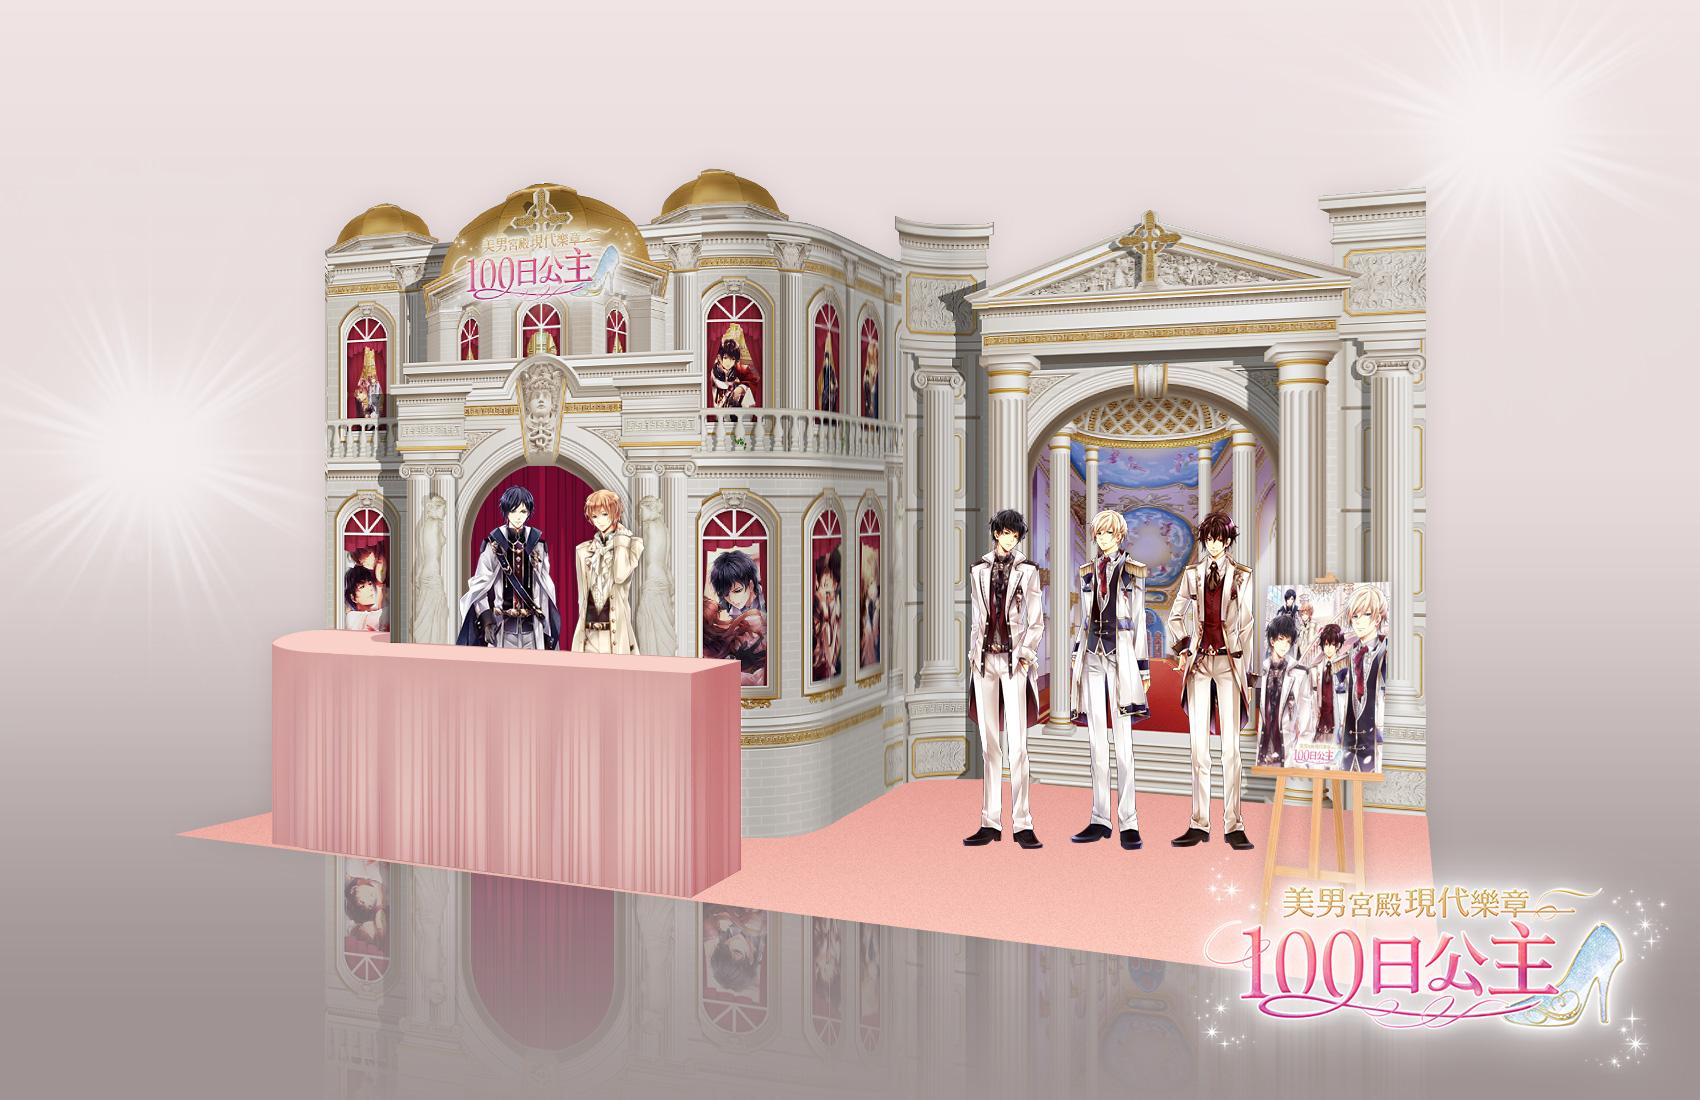 《100日公主》二次元世紀婚禮於漫博浪漫登場 美男系列作精美周邊將席捲妳的心!